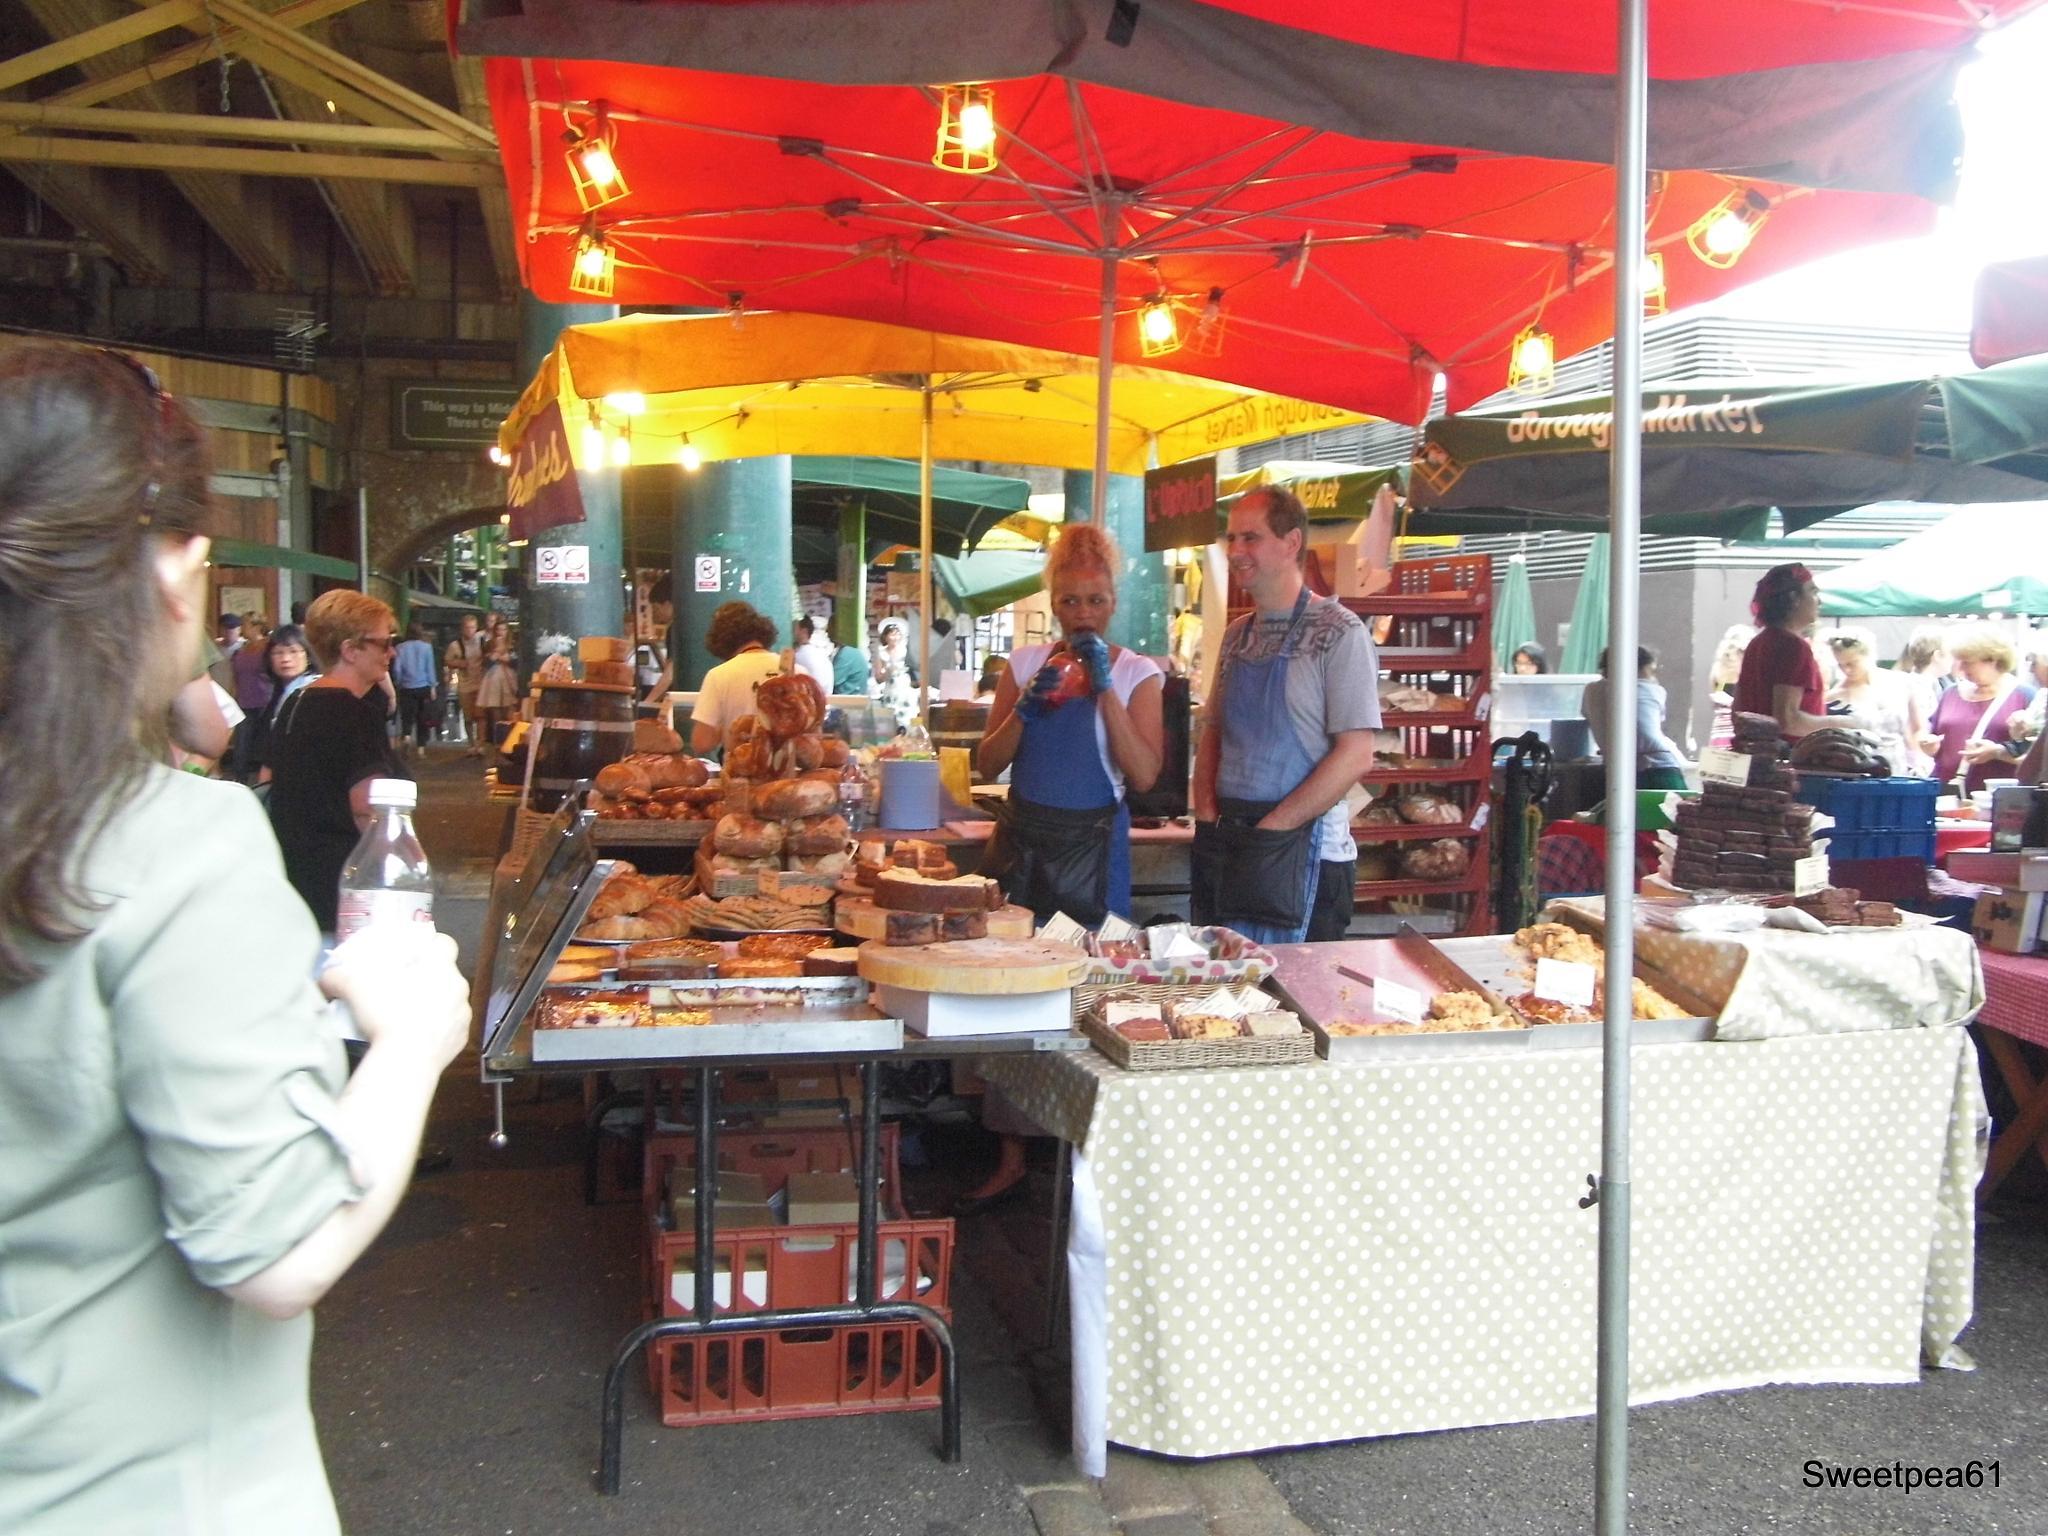 market by sherry.harrison.5891